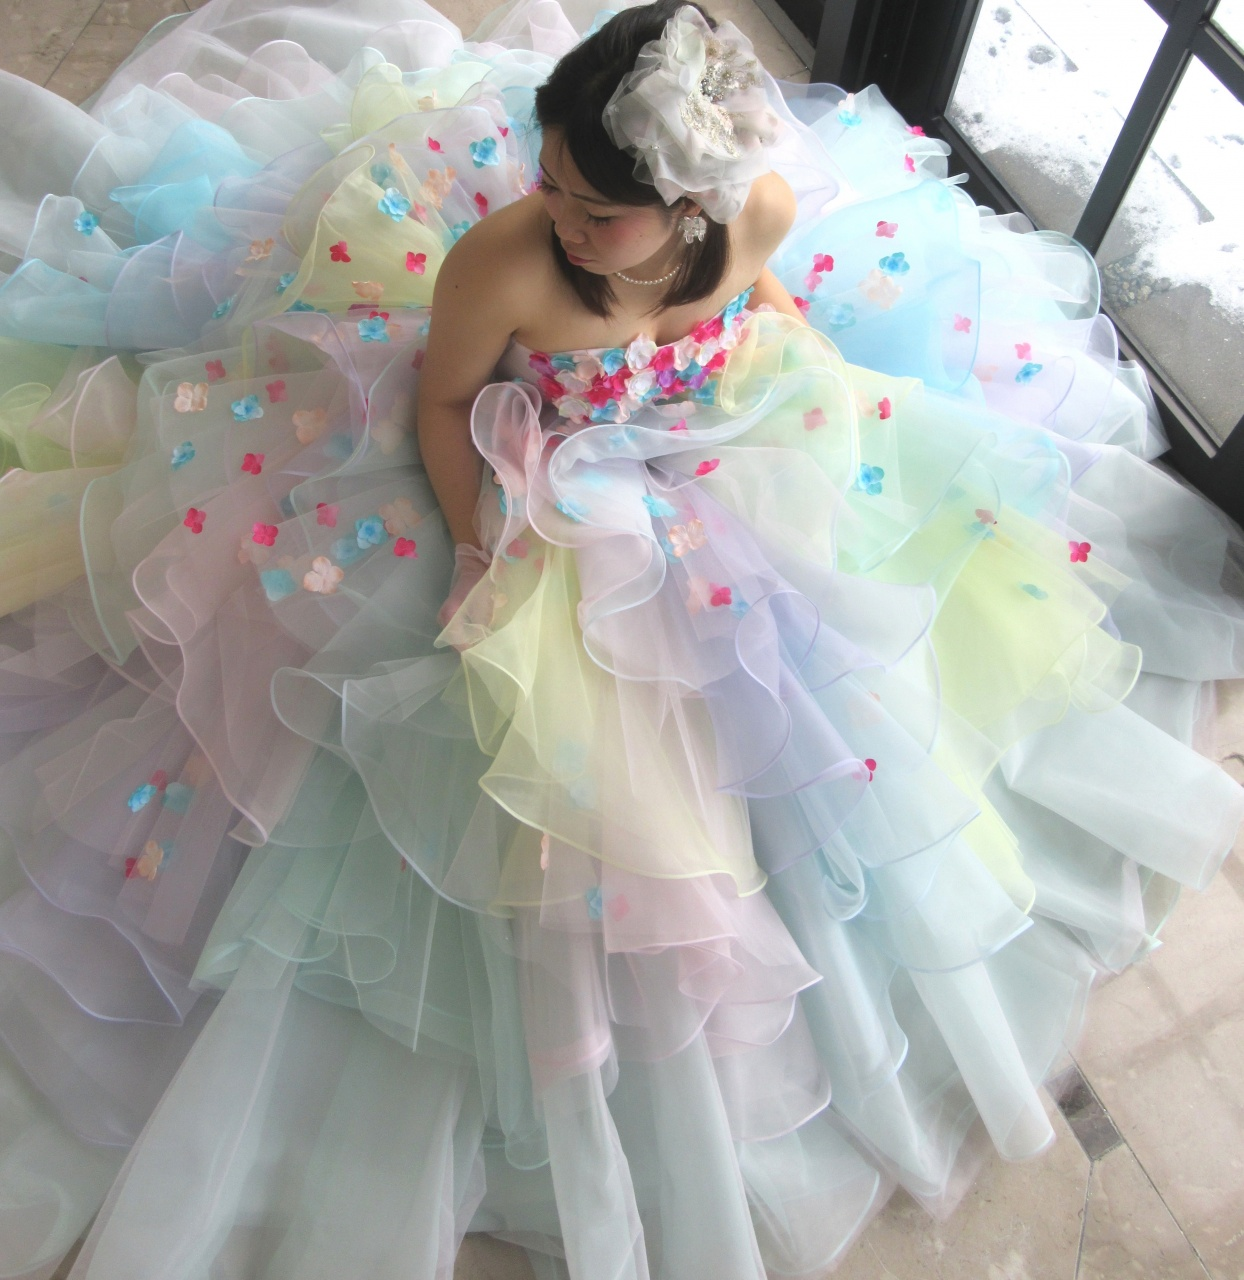 ふわふわキュート たっぷりボリュームドレス  ふわふわ クシュクシュ 幸せ感 ドレス ミックスカラー